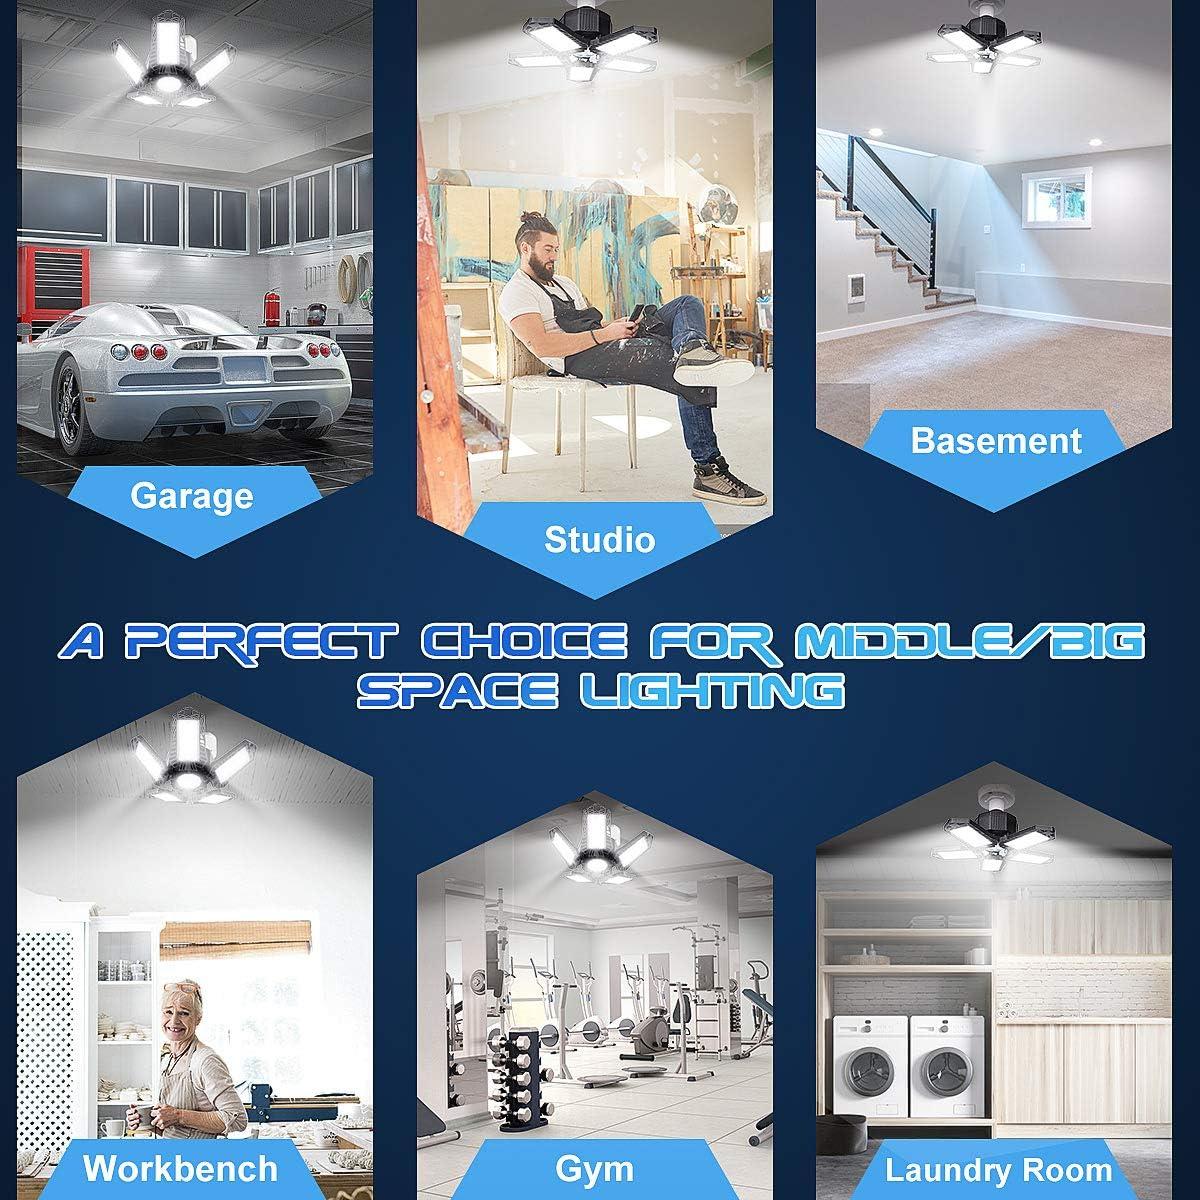 Barn 100W Garage Lights 2-Pack 10000LM Deformable LED Garage Light E26//E27 Illuminator 360 LED Bulb with 5 Adjustable Panels Garage Lighting Fixtures LED Shop Lights for Workshop Workbench